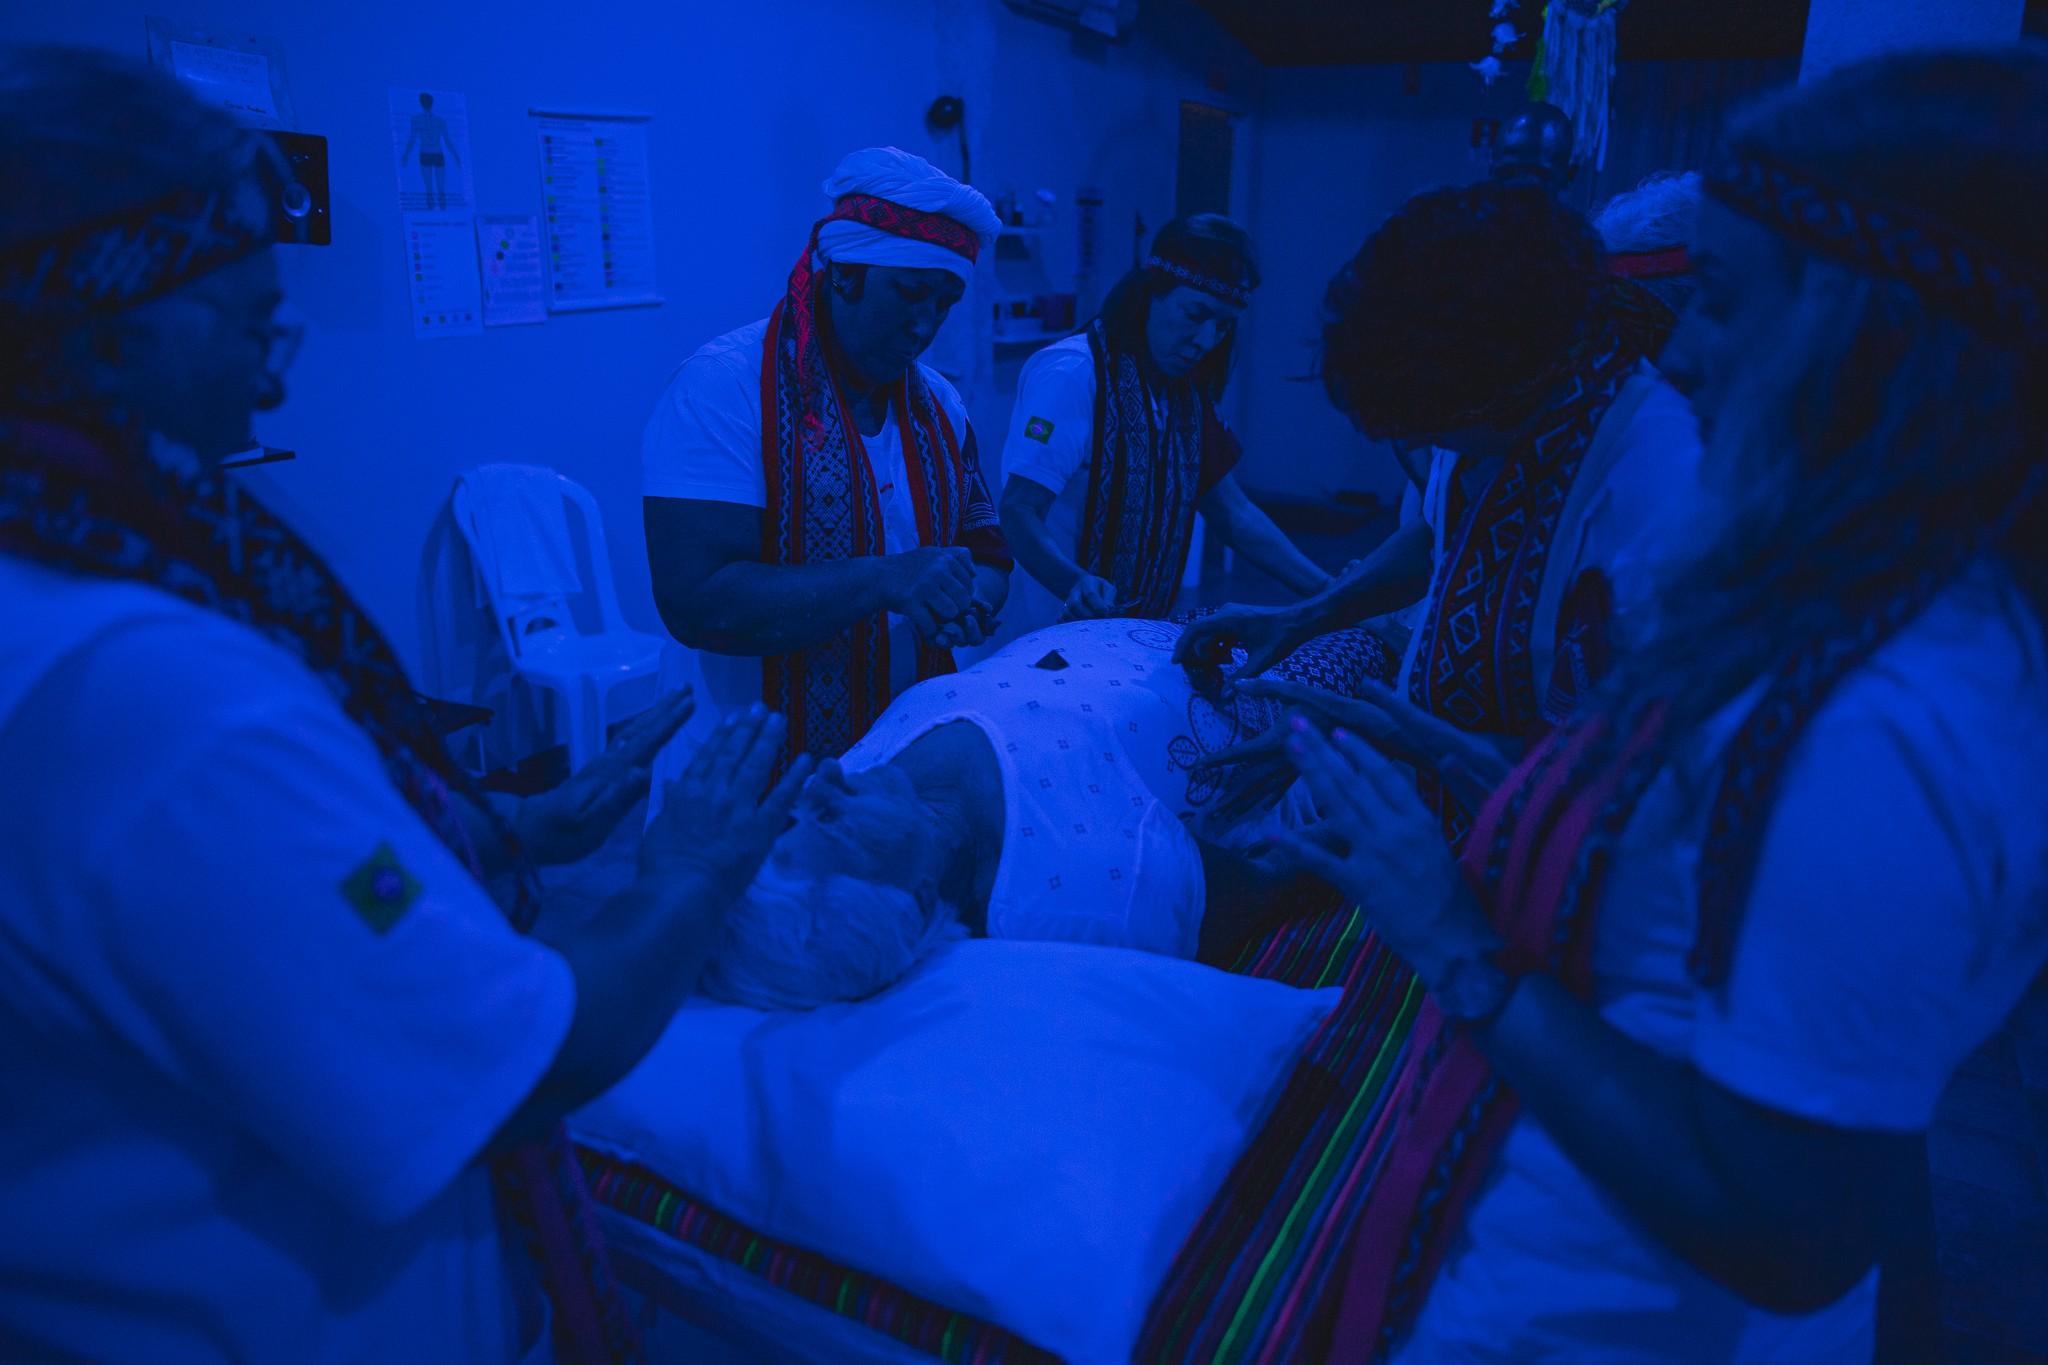 Terapia dos Cristais Incas